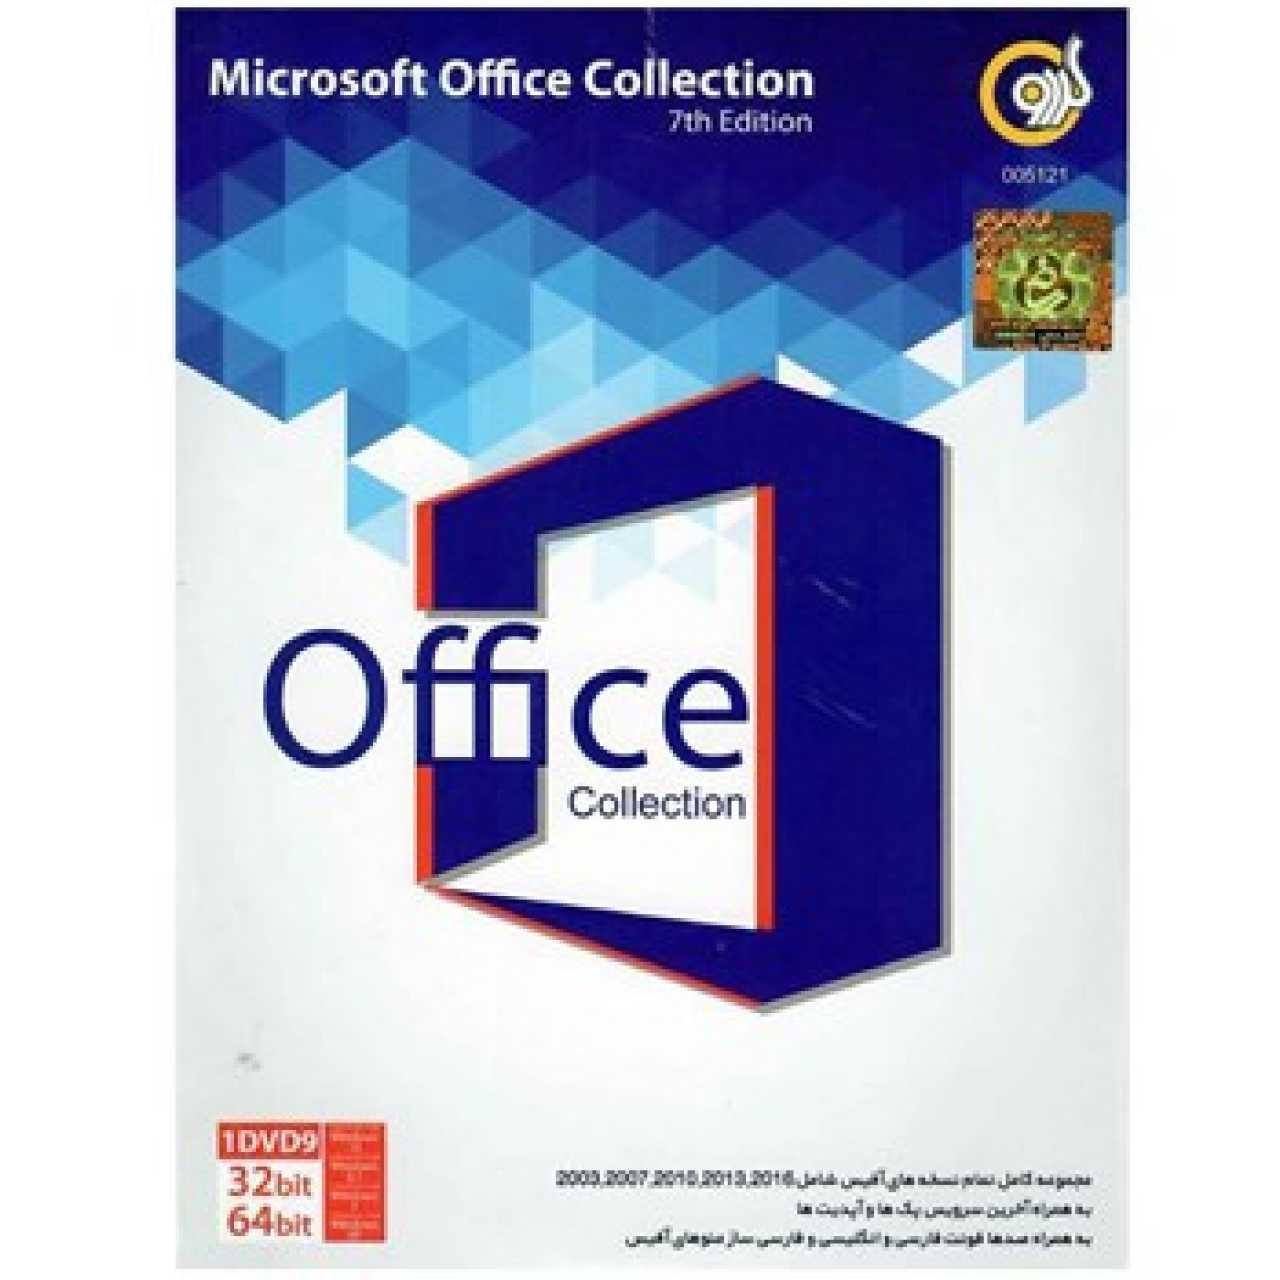 مجموعه Microsoft Office Collection - ویرایش 7-انتشارات گردو